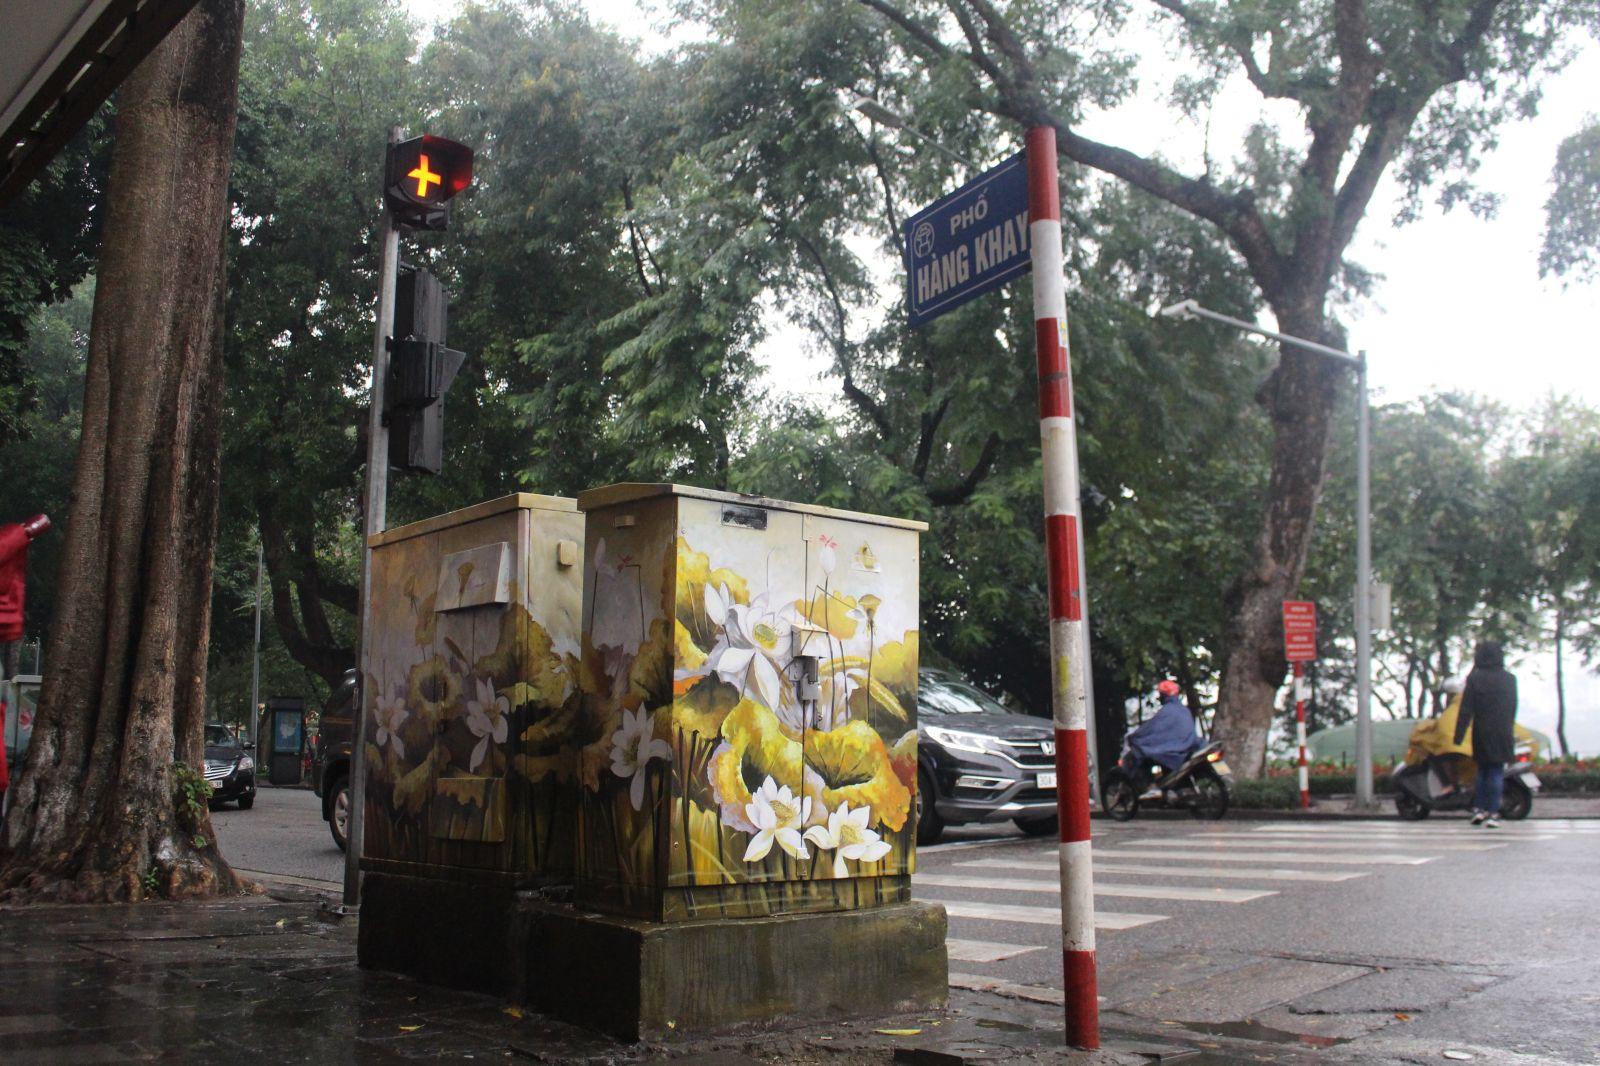 : Hàng Khay, Ngô Quyền, Tràng Thi là những con phố mà các bốt điện đang được tô điểm bộ mặt nghệ thuật